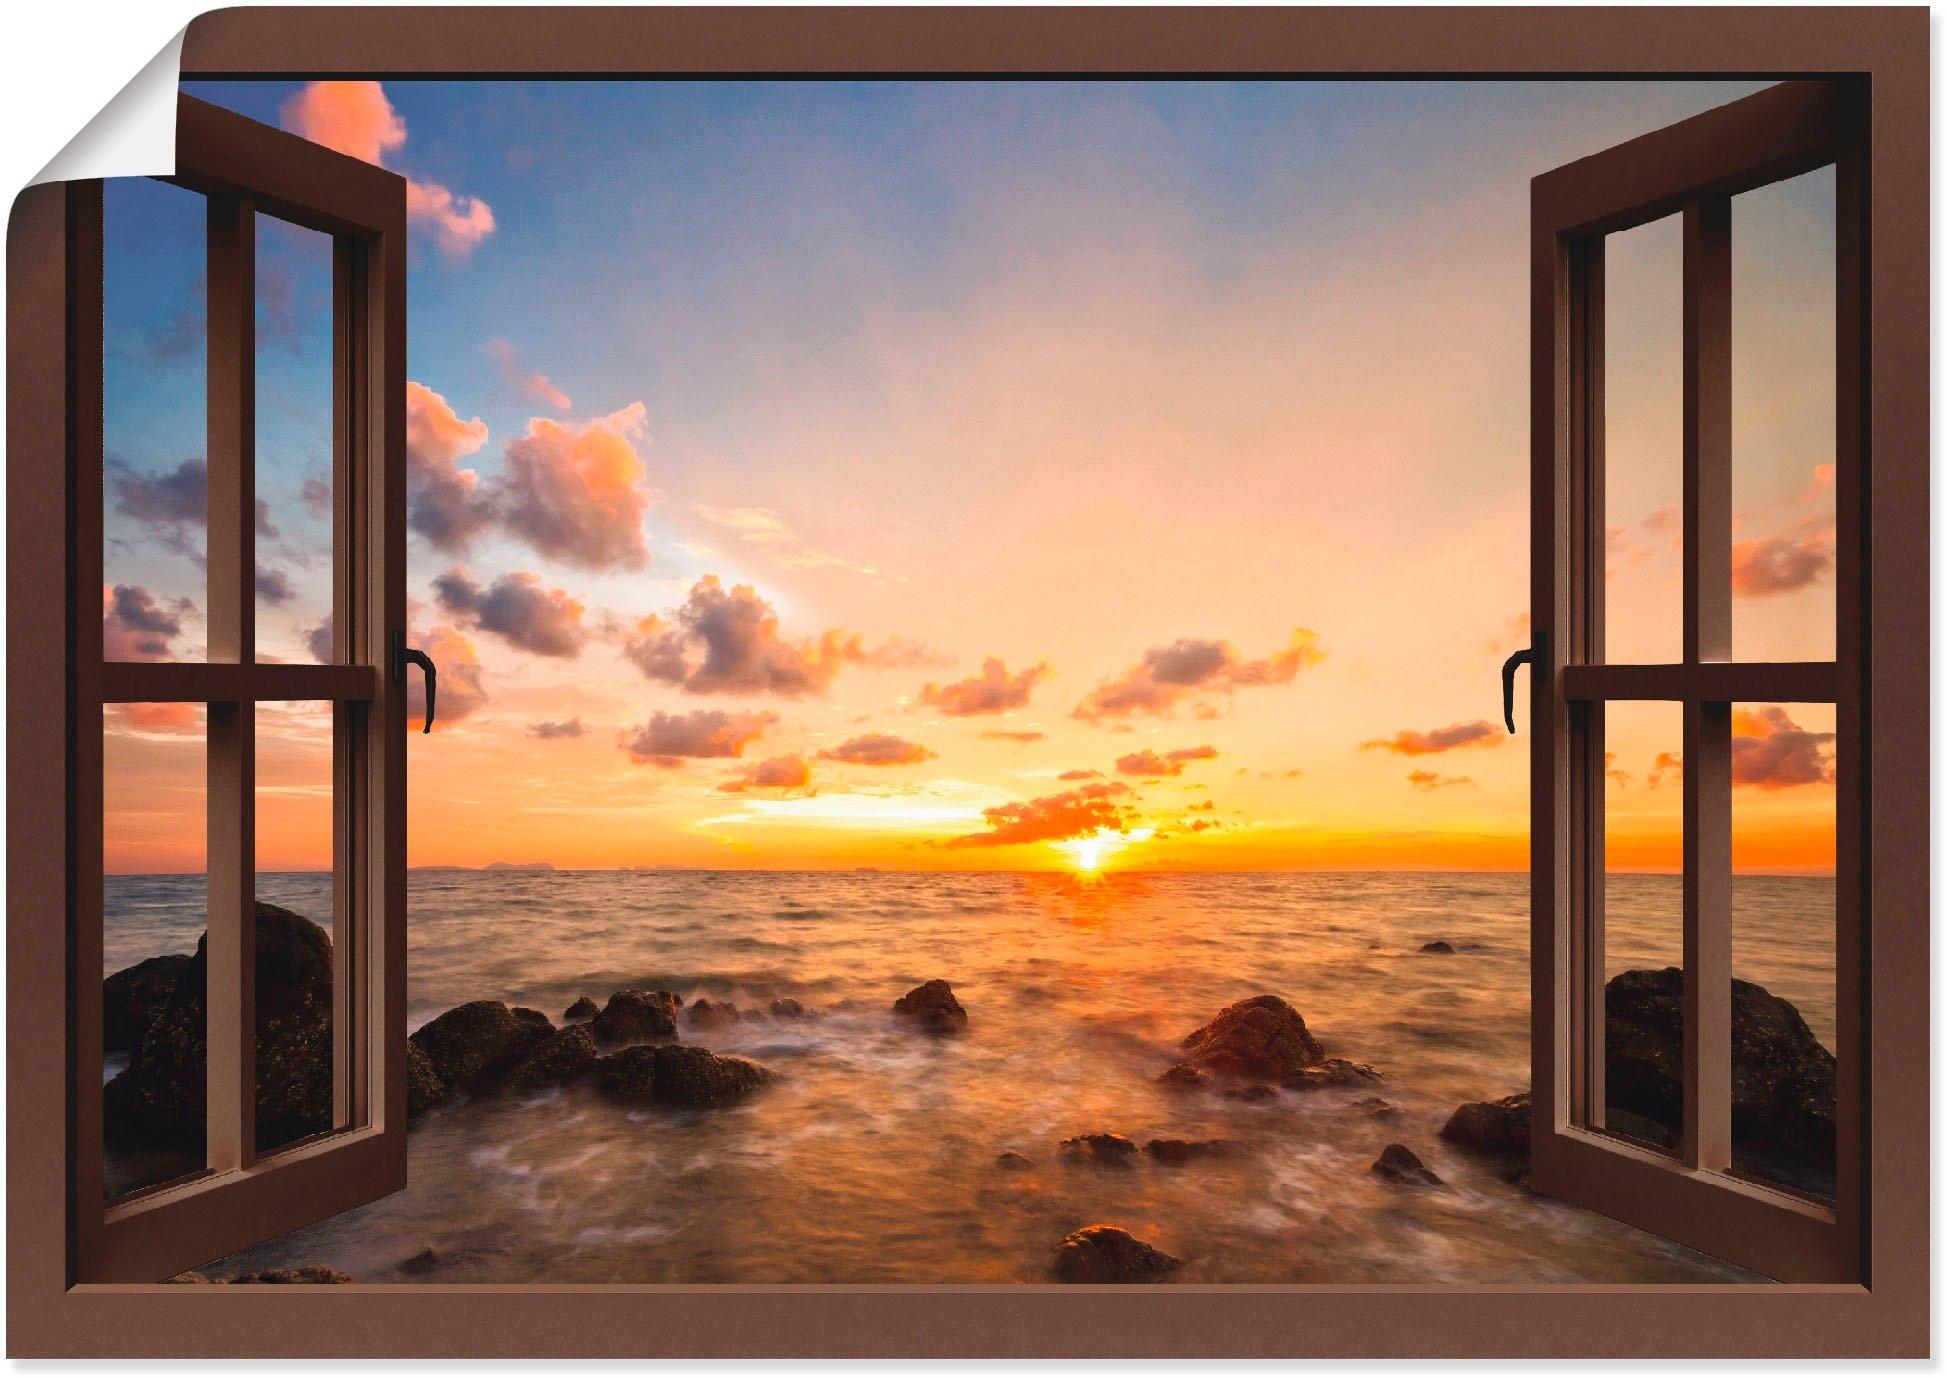 Artland Artprint Blik uit het venster zonsondergang aan zee in vele afmetingen & productsoorten - artprint van aluminium / artprint voor buiten, artprint op linnen, poster, muursticker / wandfolie ook geschikt voor de badkamer (1 stuk) nu online bestellen